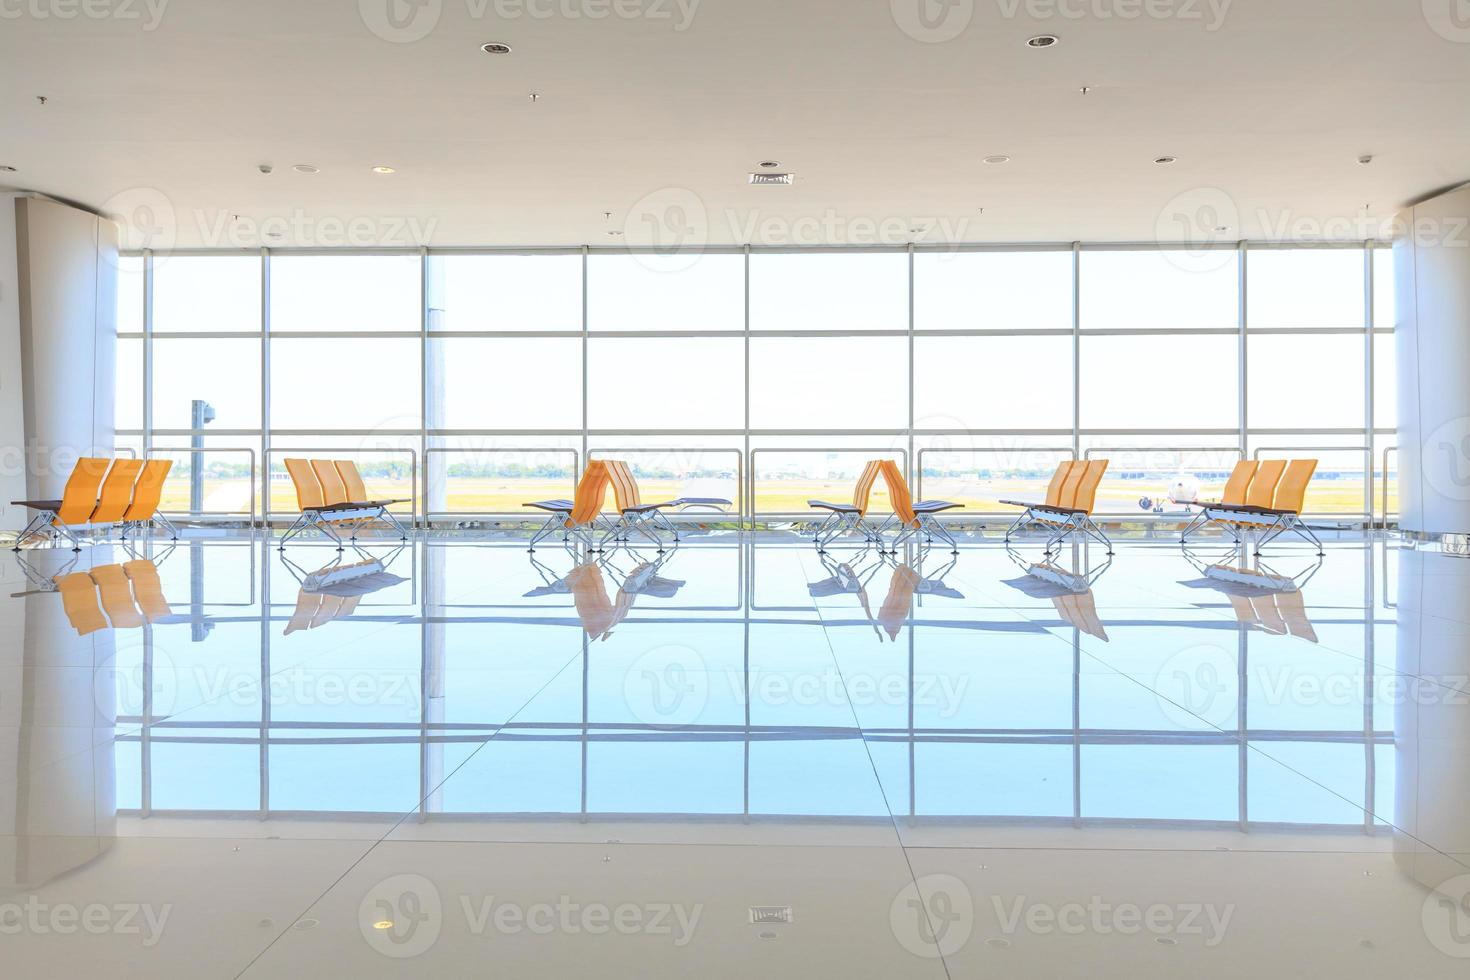 Wartebereich am Flughafen foto